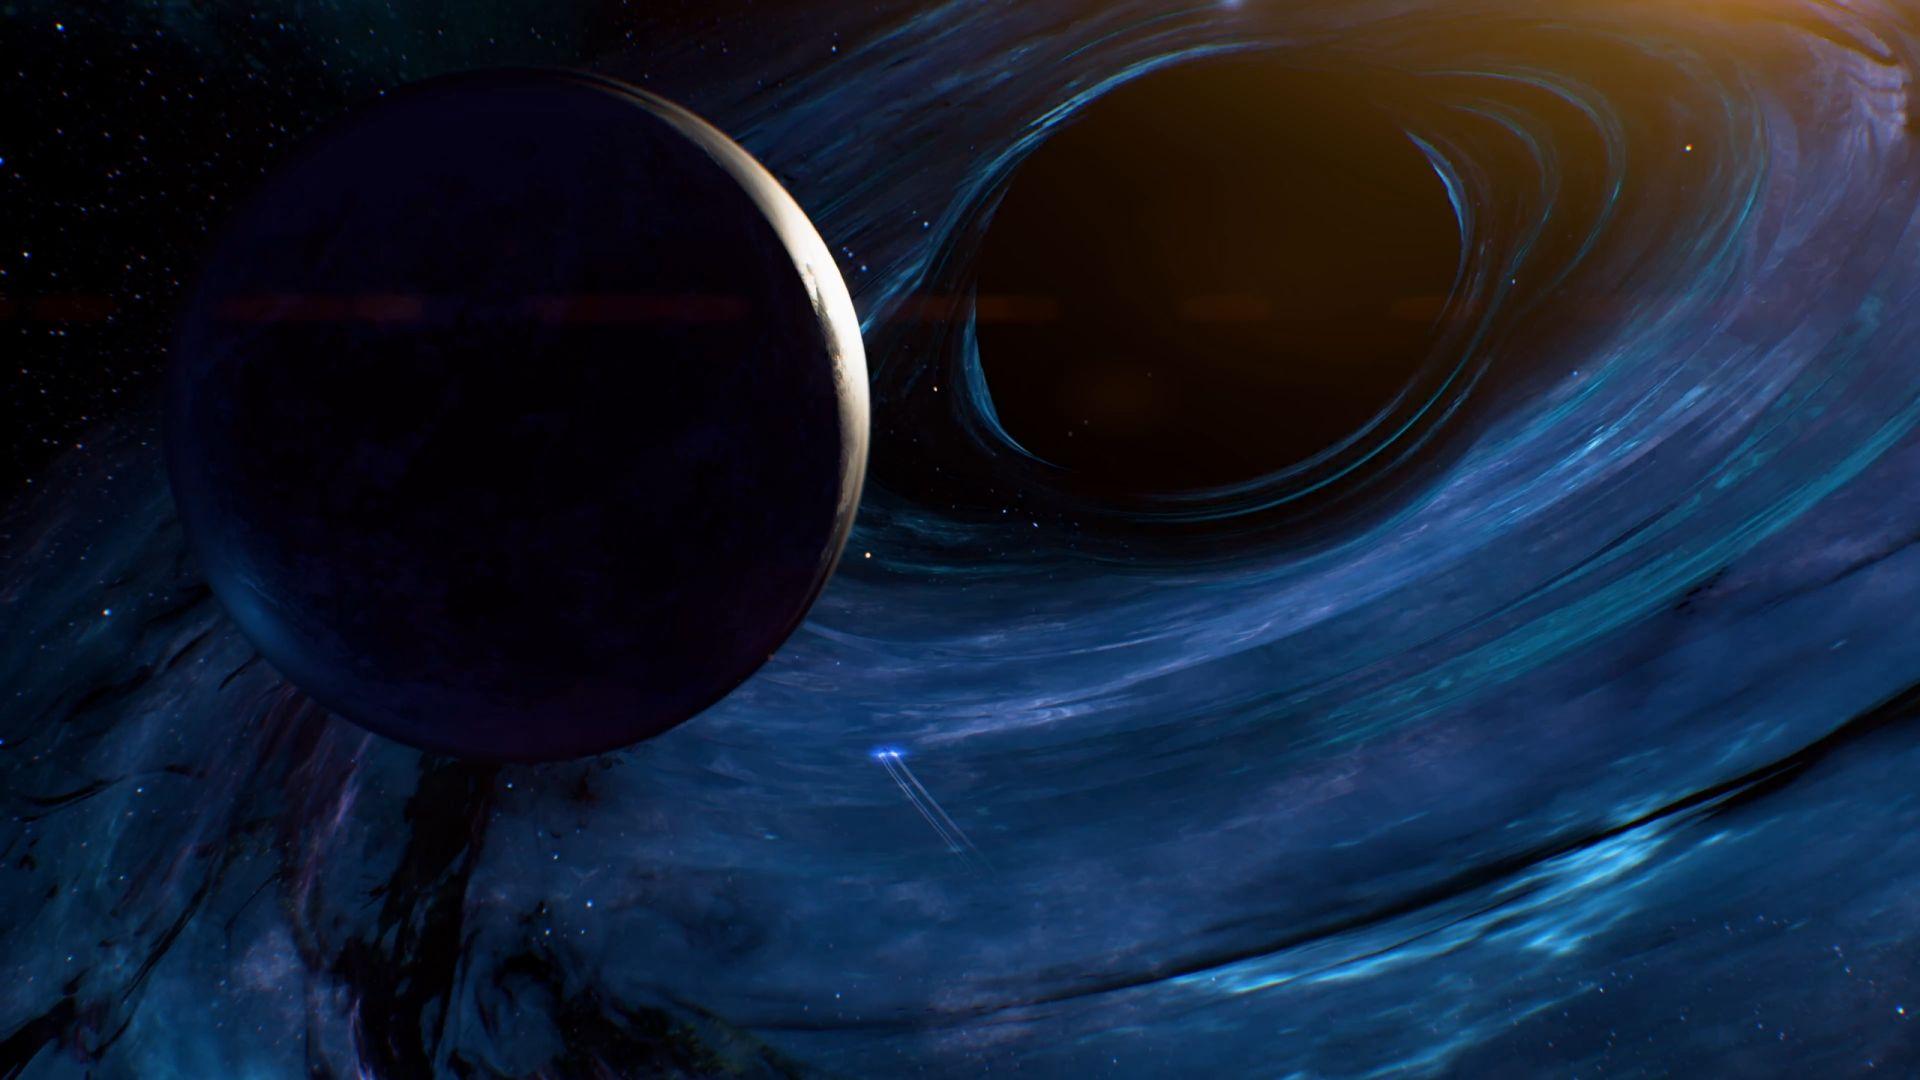 Black Hole, Background